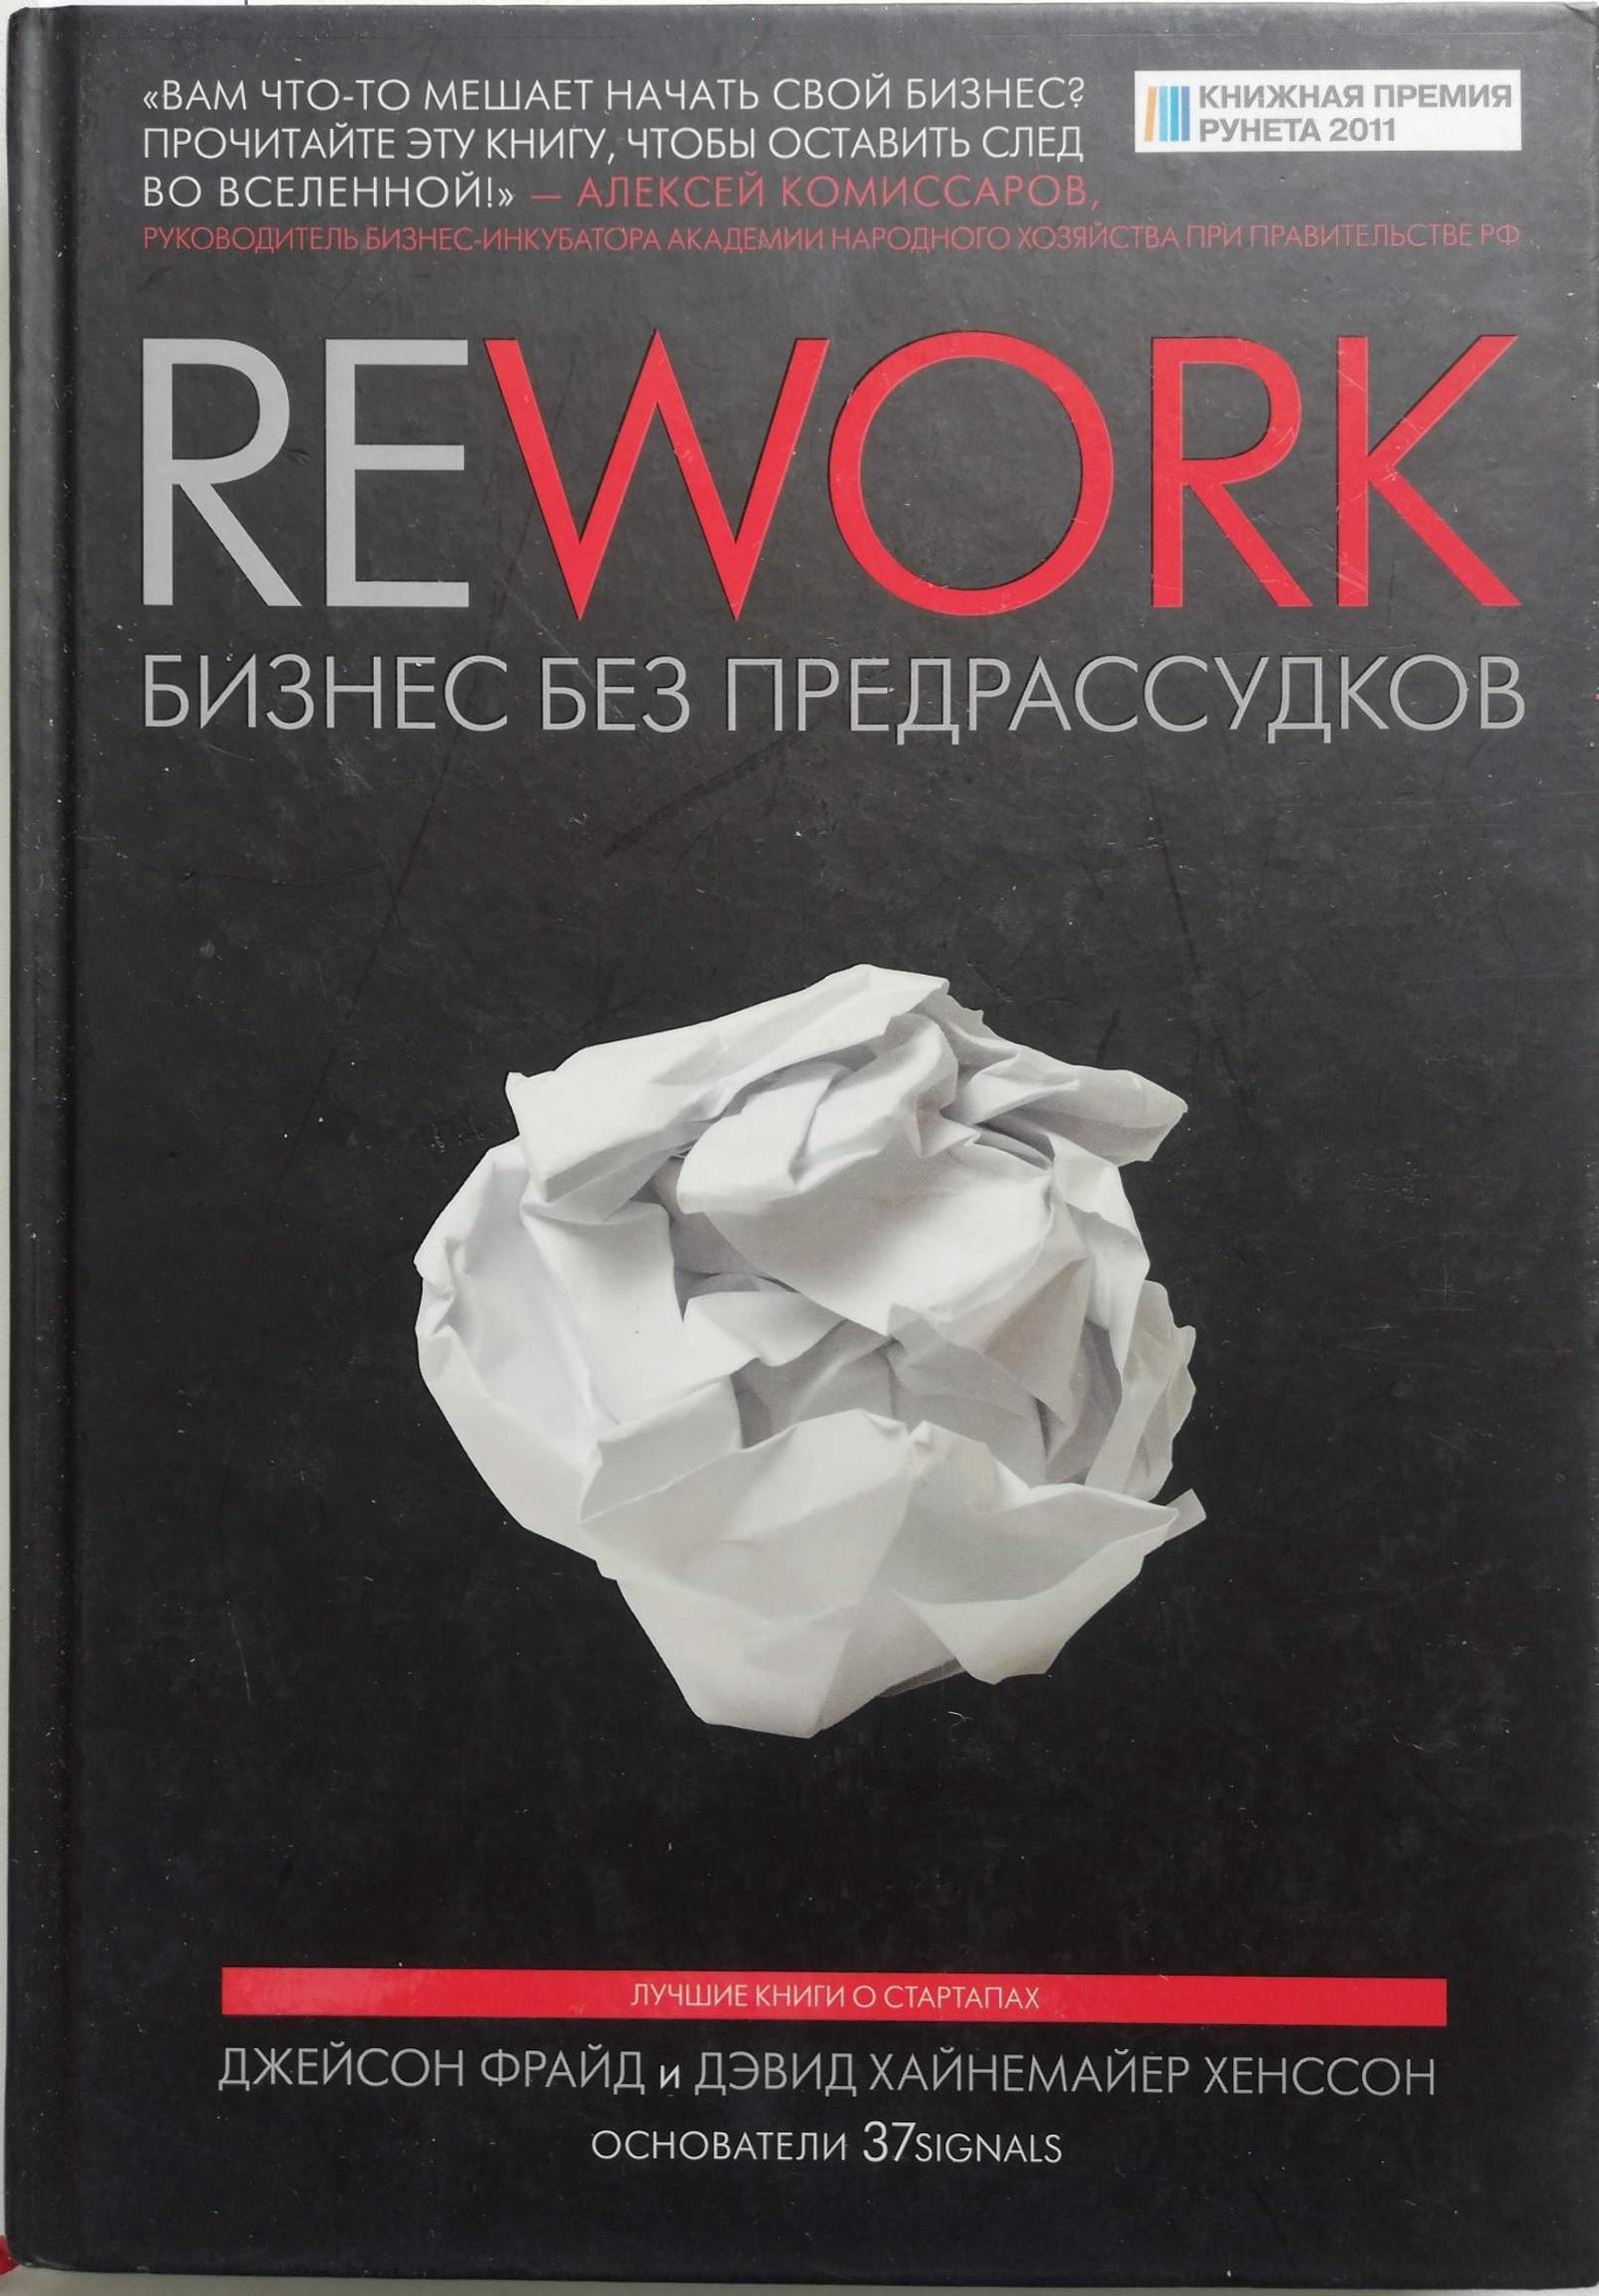 Фрайд Джейсон, Хенссон Дэвид Хайнемайер Rework. Бизнес без предрассудков